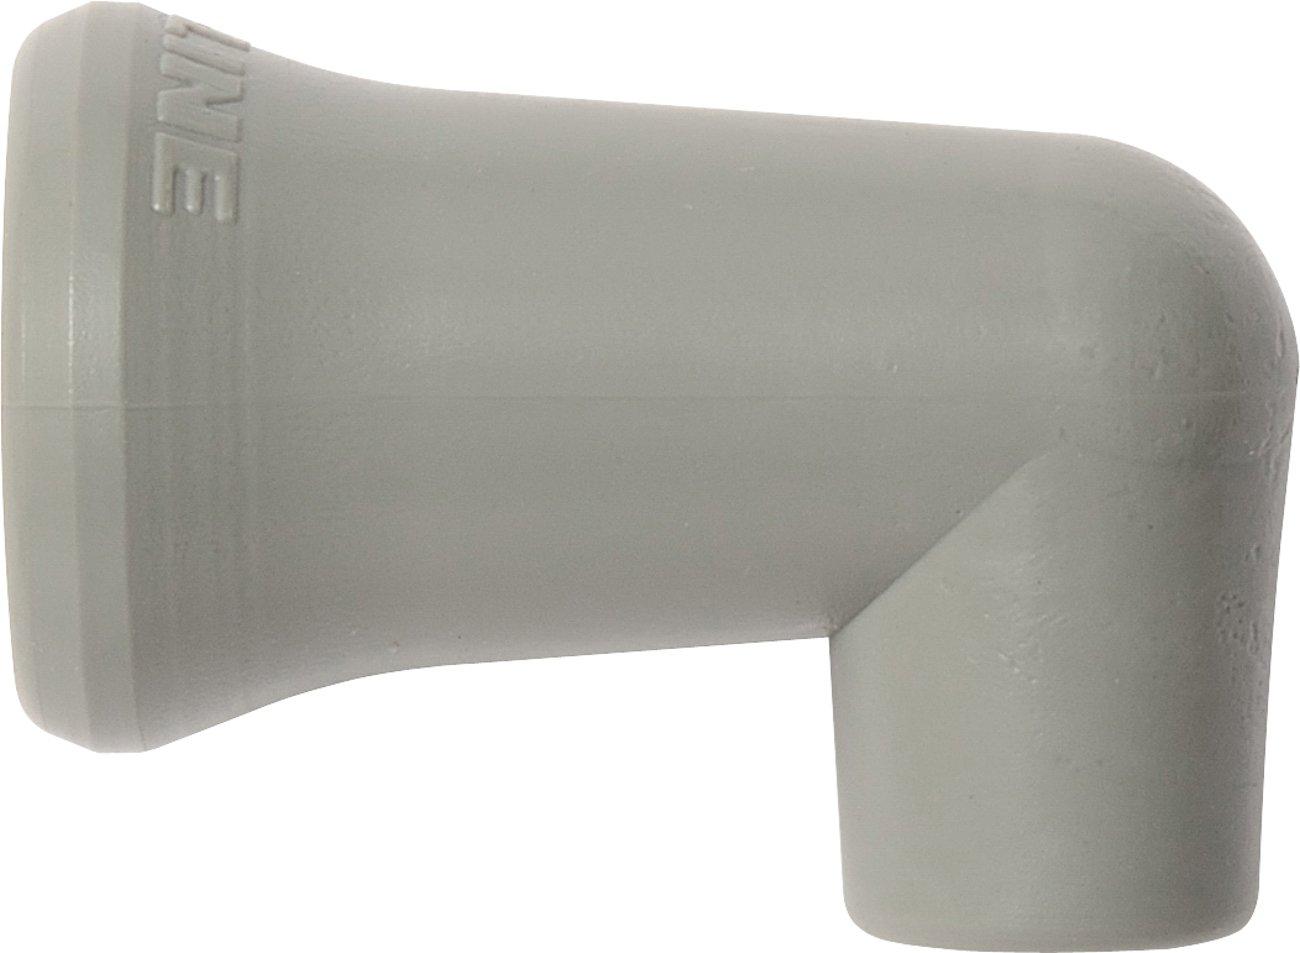 Loc-Line Coolant Hose Component, Gray Acetal Copolymer, 90 Degree Nozzle, 1/4